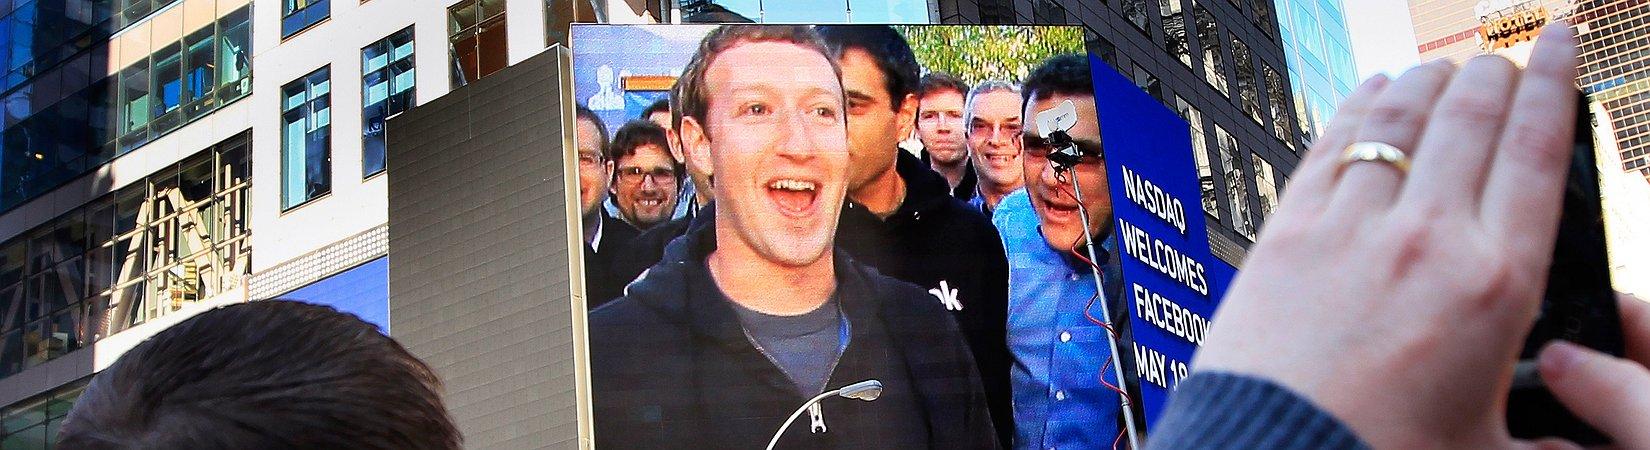 Destaques desta semana: resultados trimestrais de varejistas, lançamento da SpaceX e aniversário da IPO da Facebook